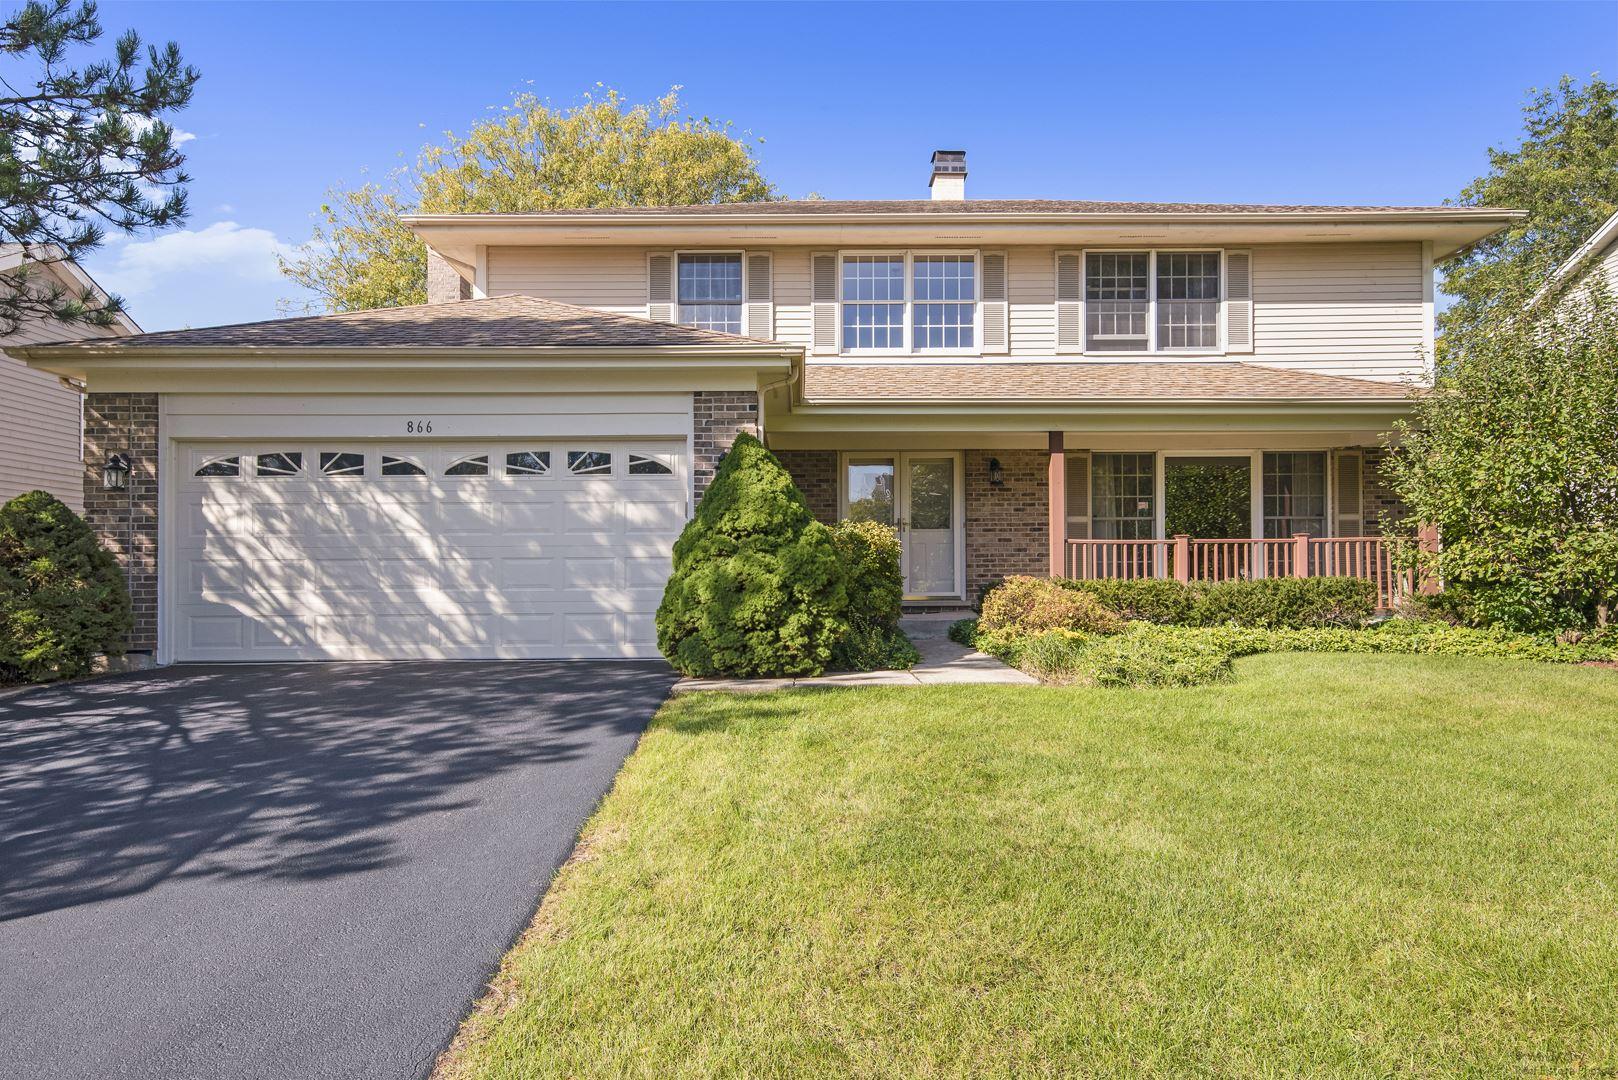 866 S Parkplace Drive, Palatine, IL 60067 - MLS#: 10767605